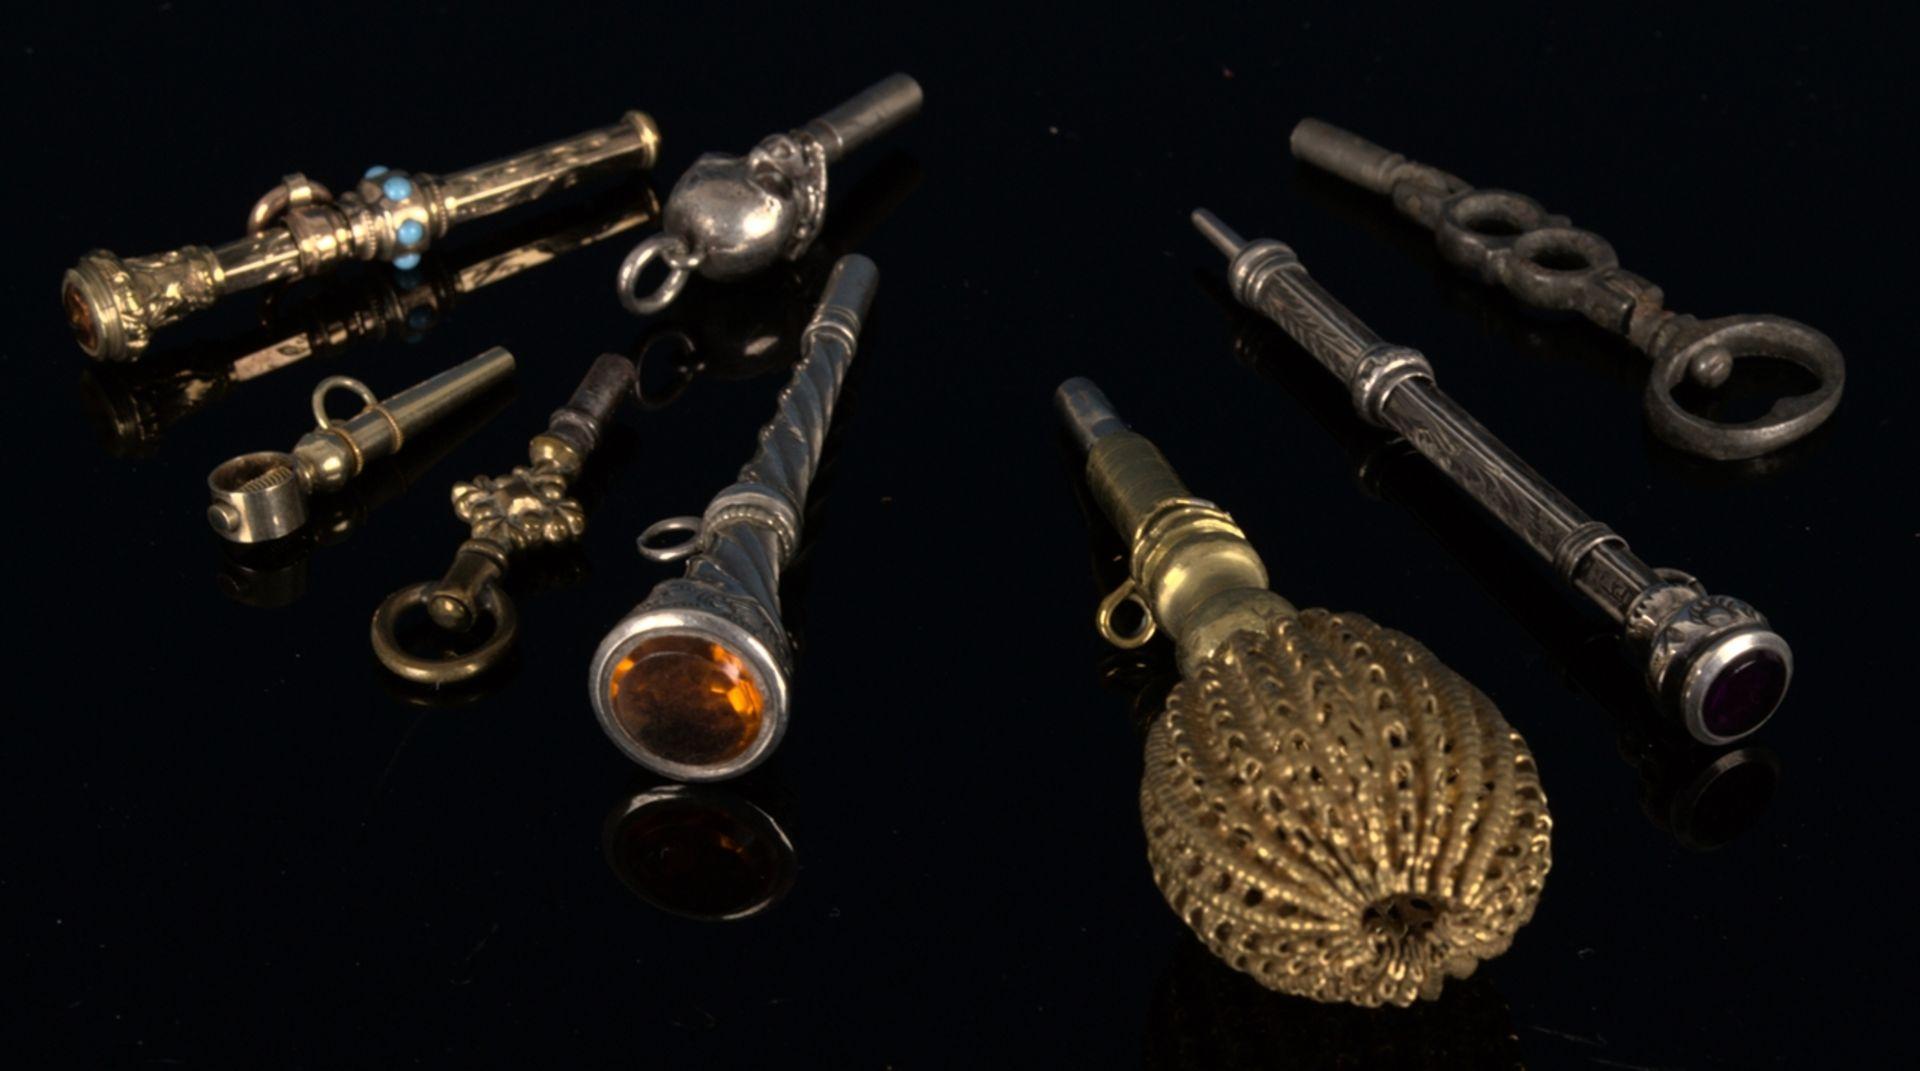 8teilige Sammlung versch. Taschenuhrenschlüssel, überwiegend 19. Jhd. Versch. Alter, Größen,